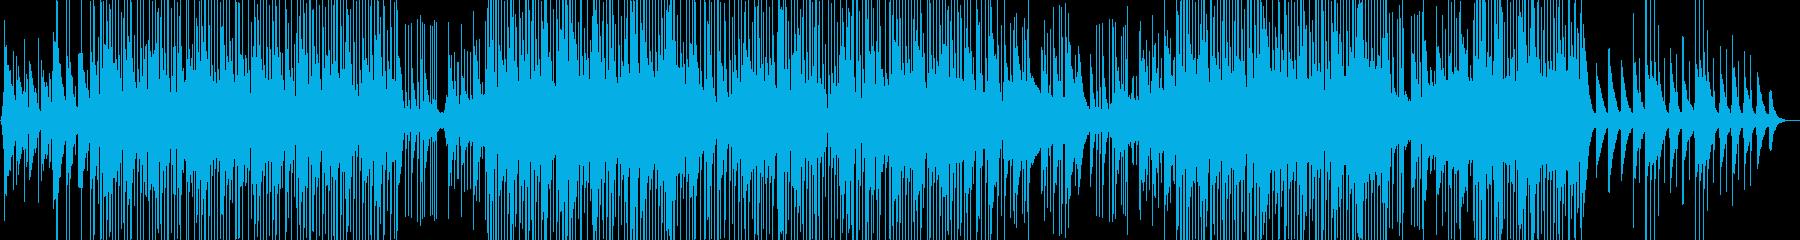 明るいシンセポップスの再生済みの波形